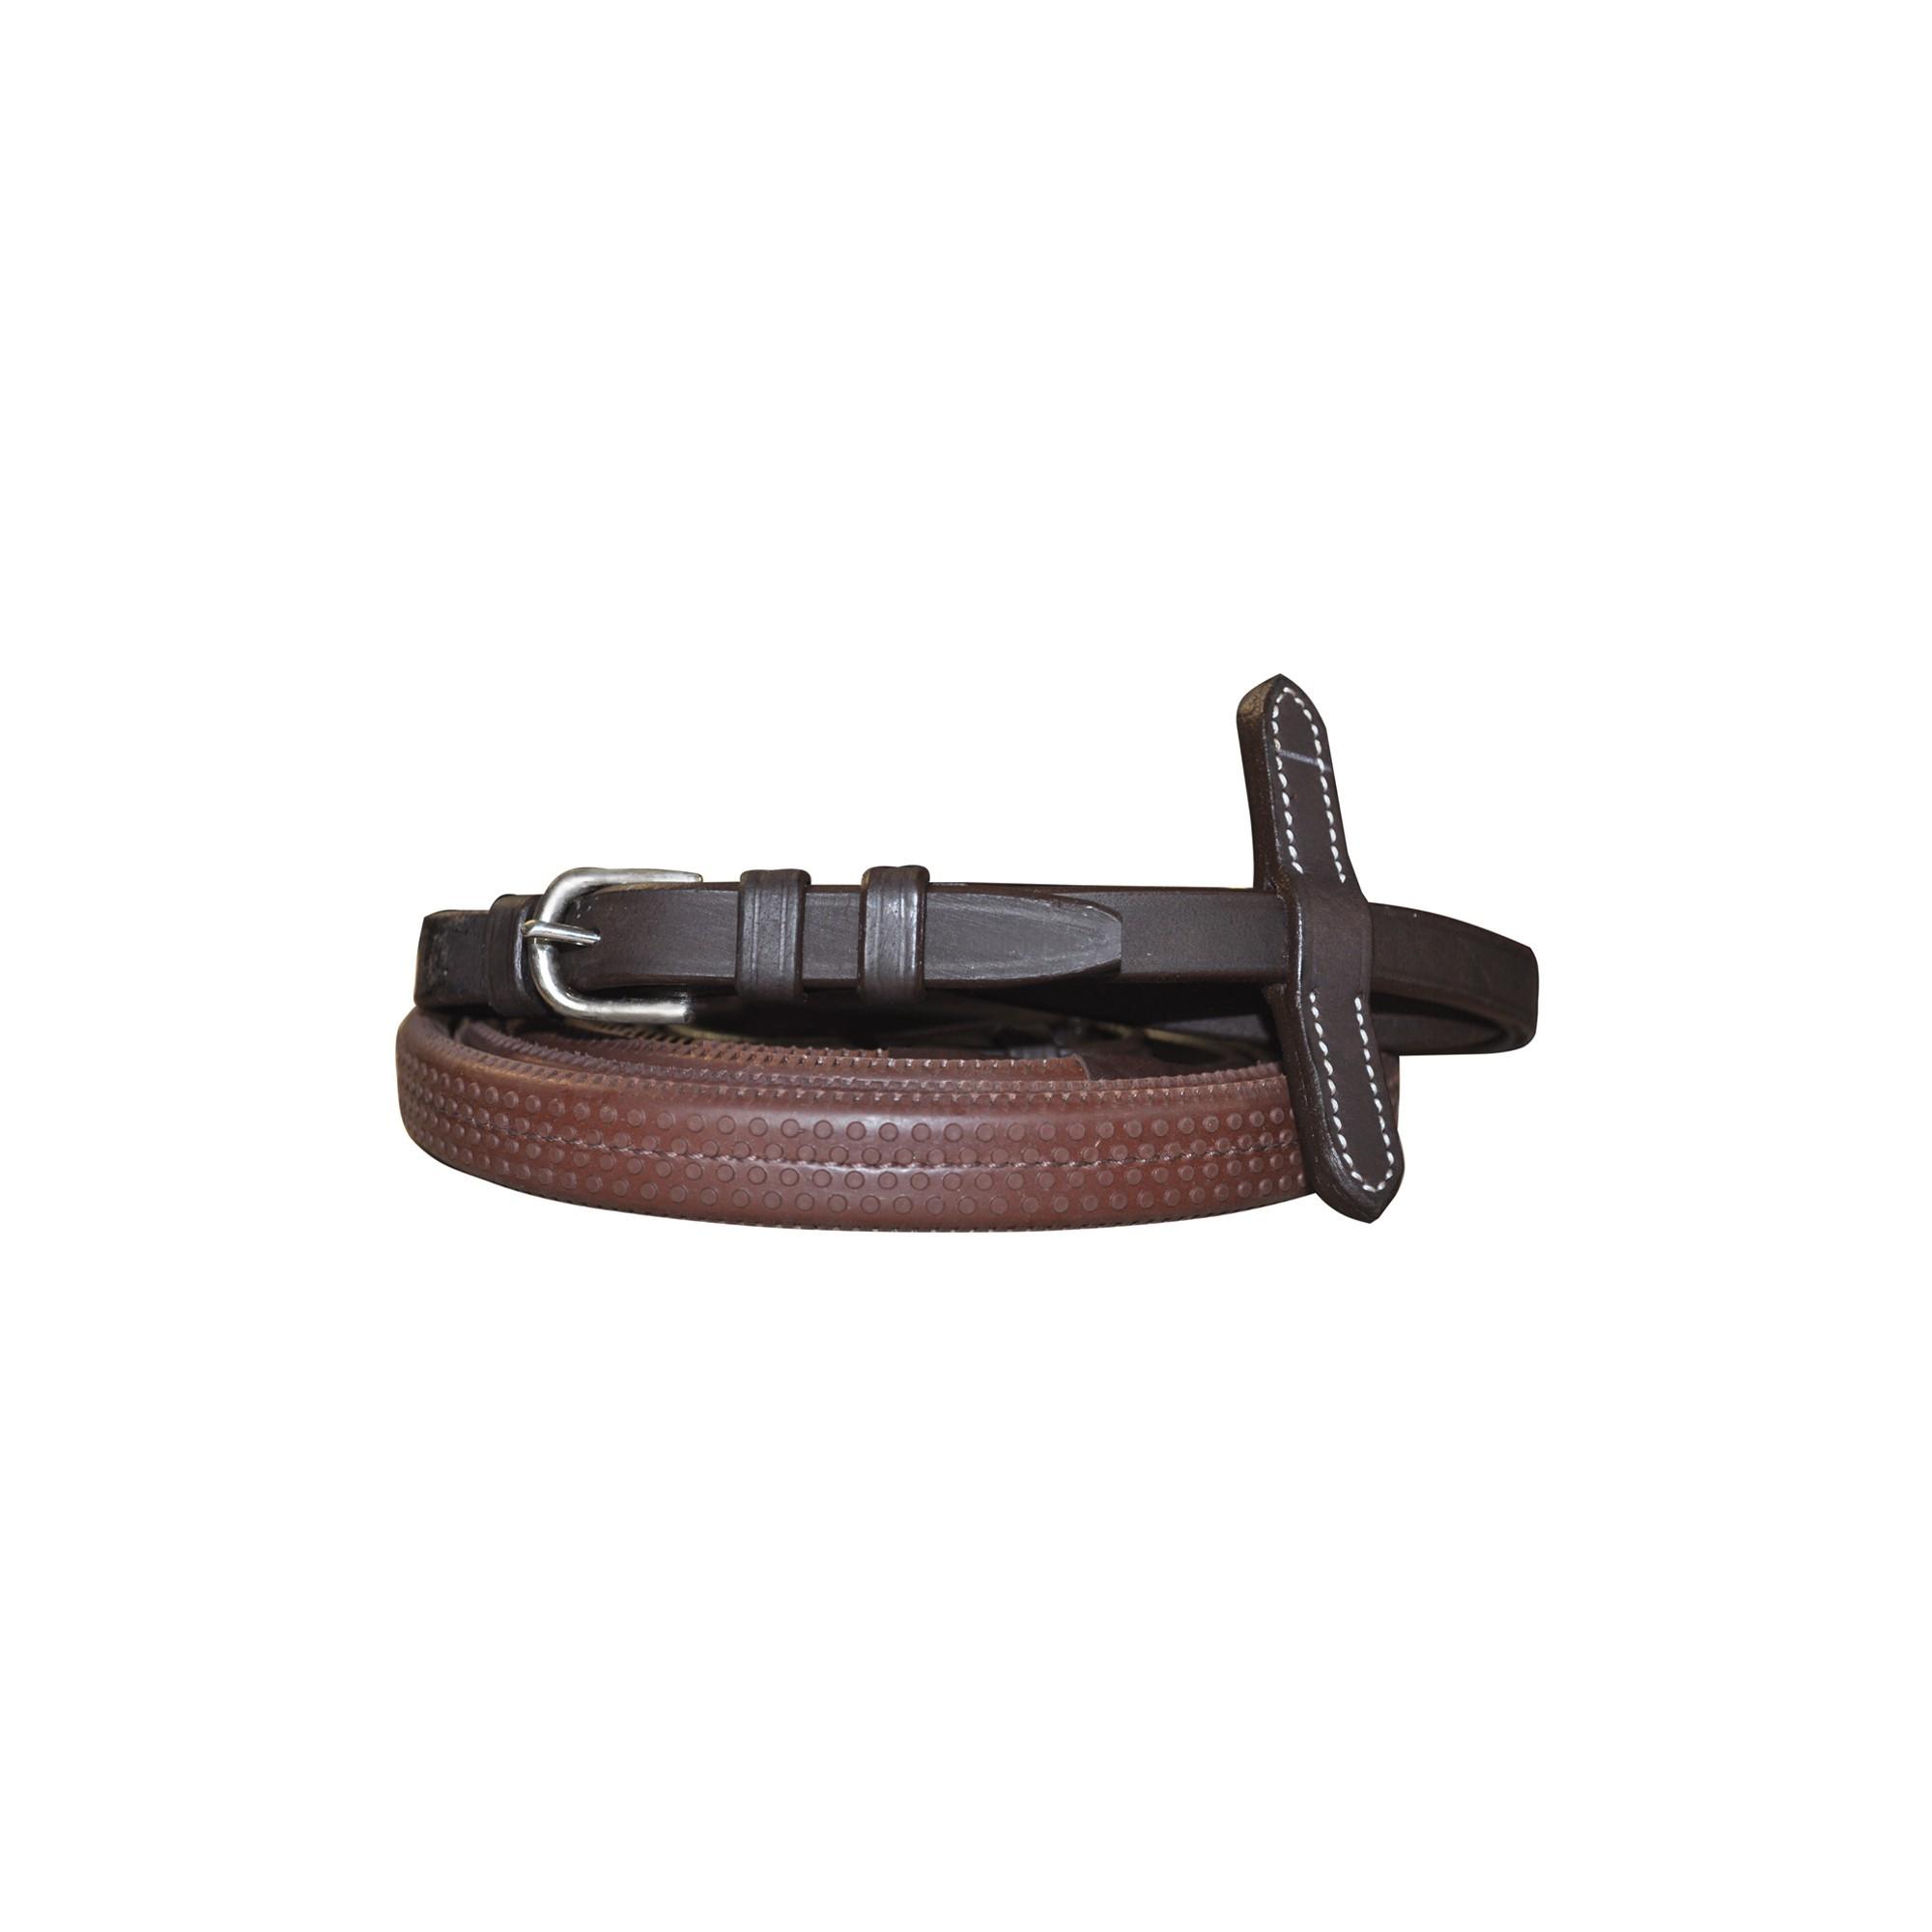 renes-caoutchouc-privilege-equitation-14mm-marron-162014